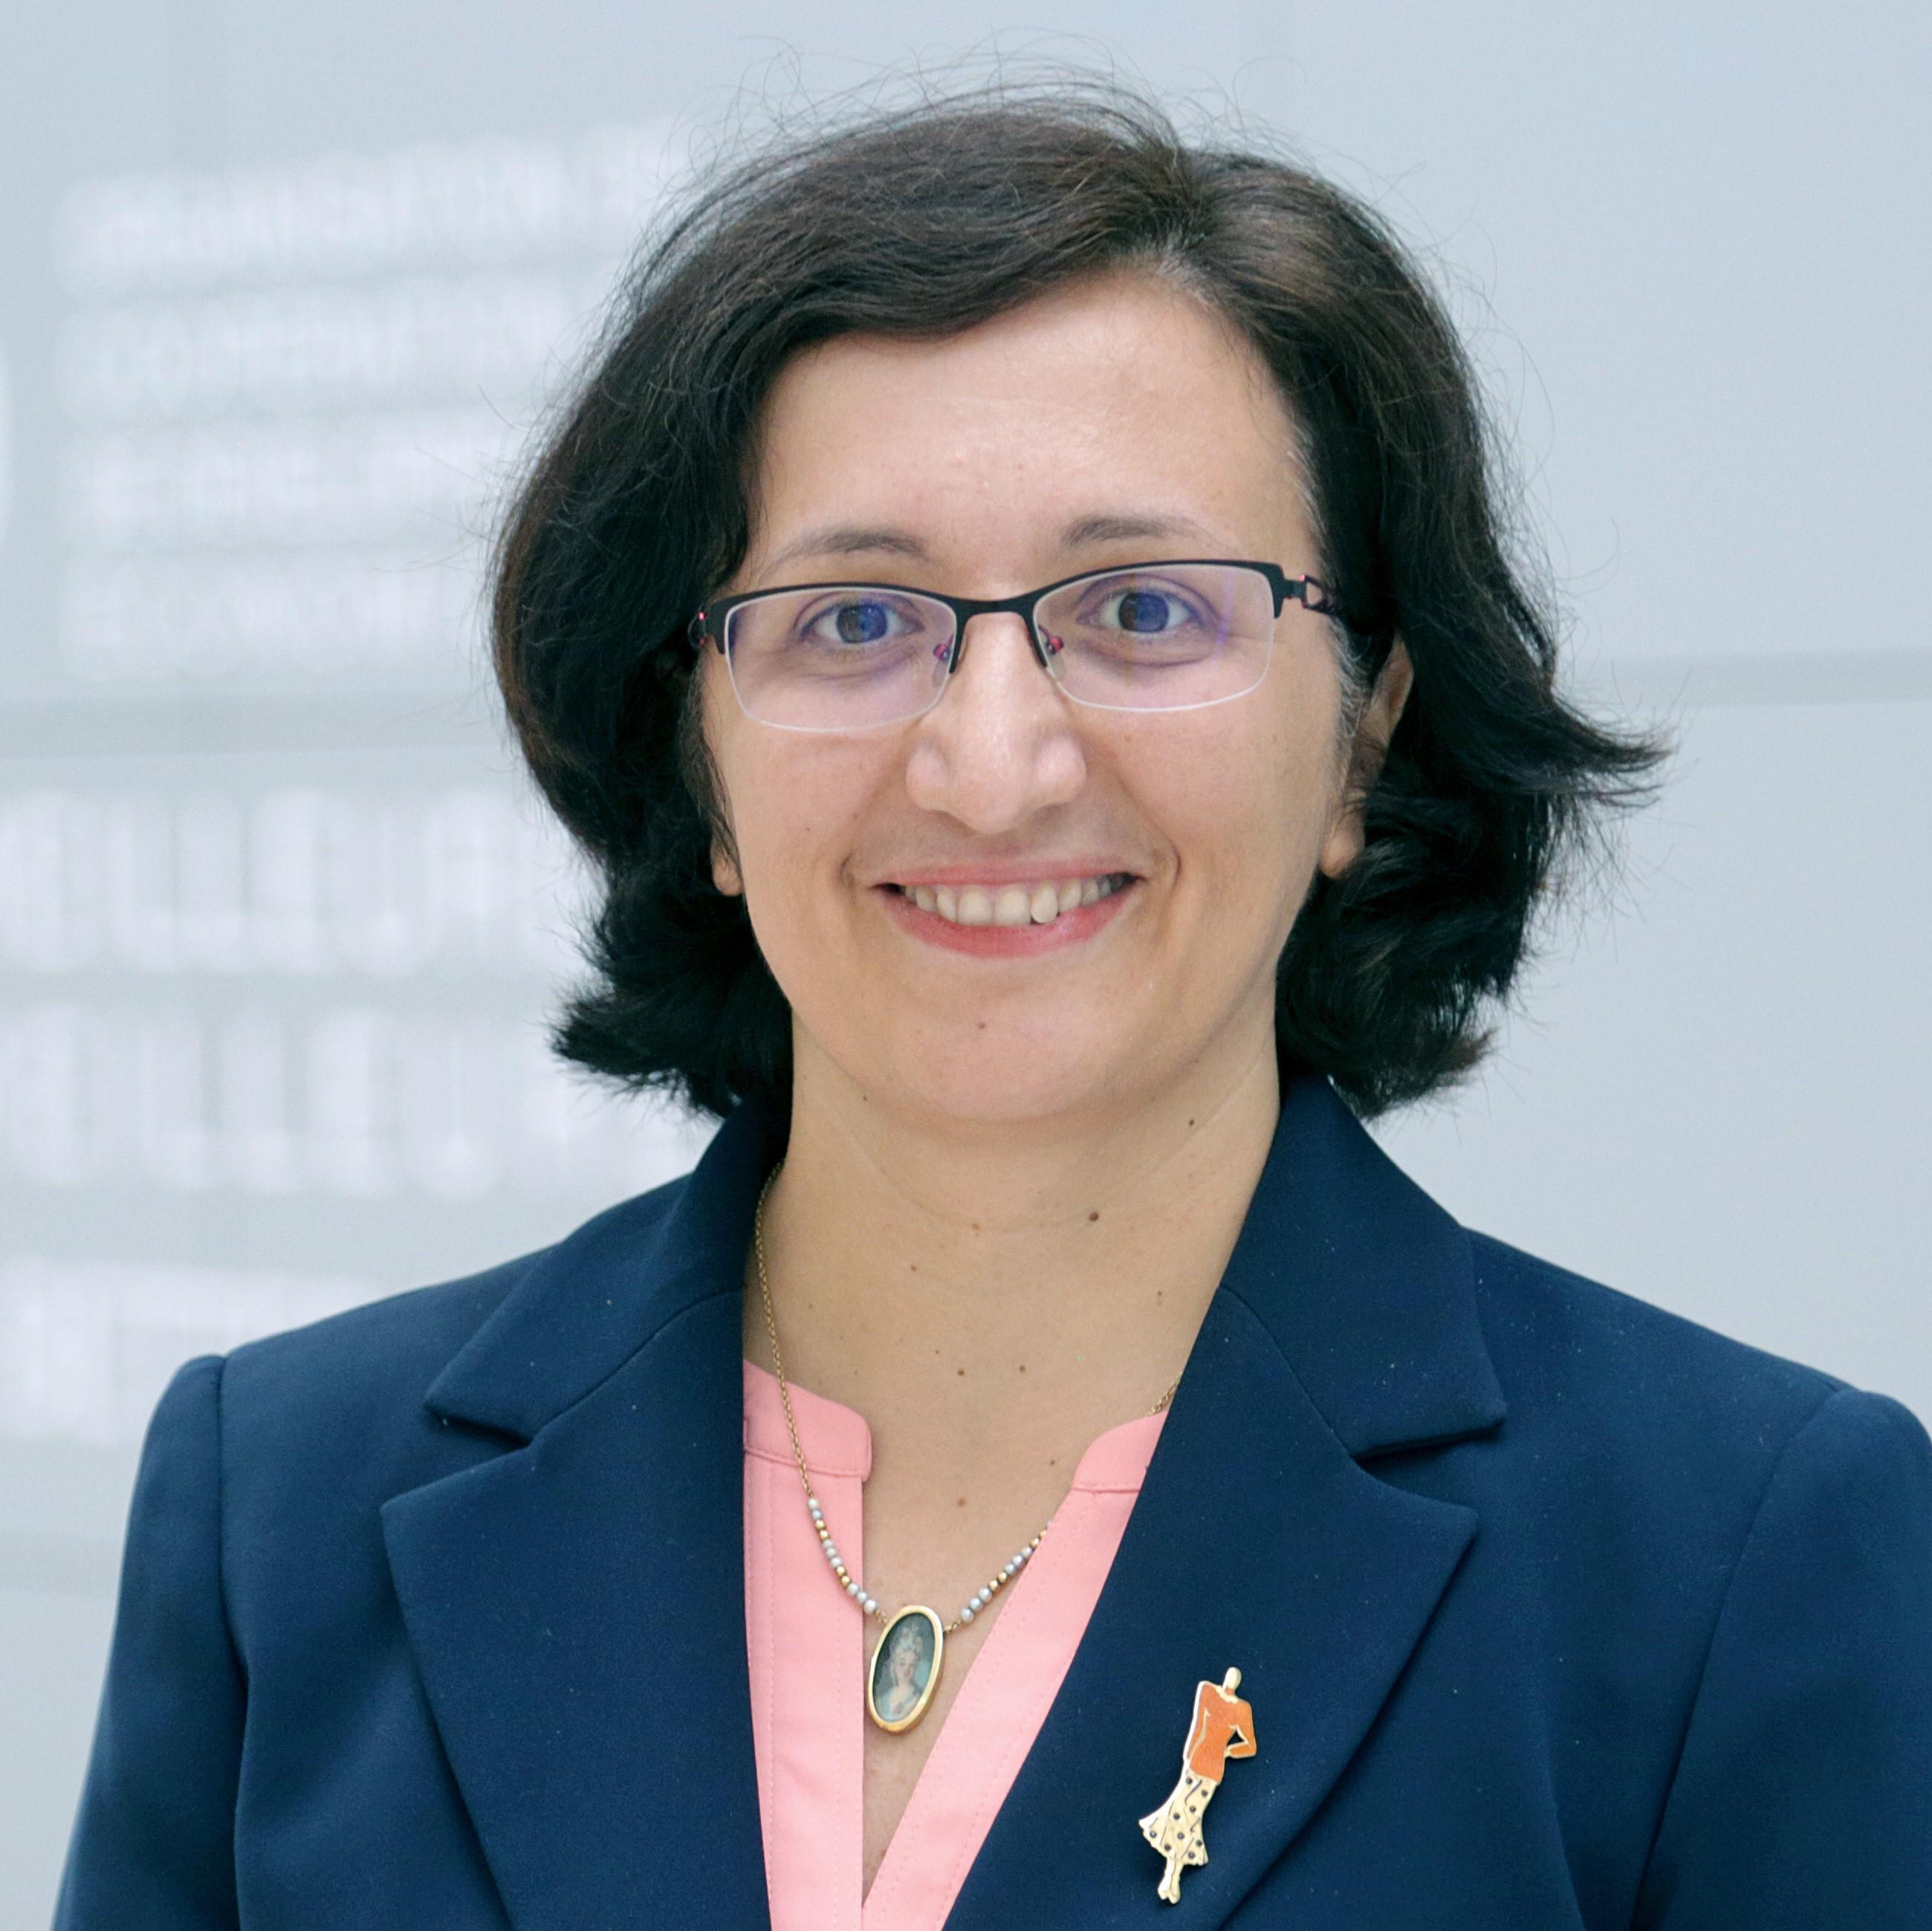 Lucia Cusmano